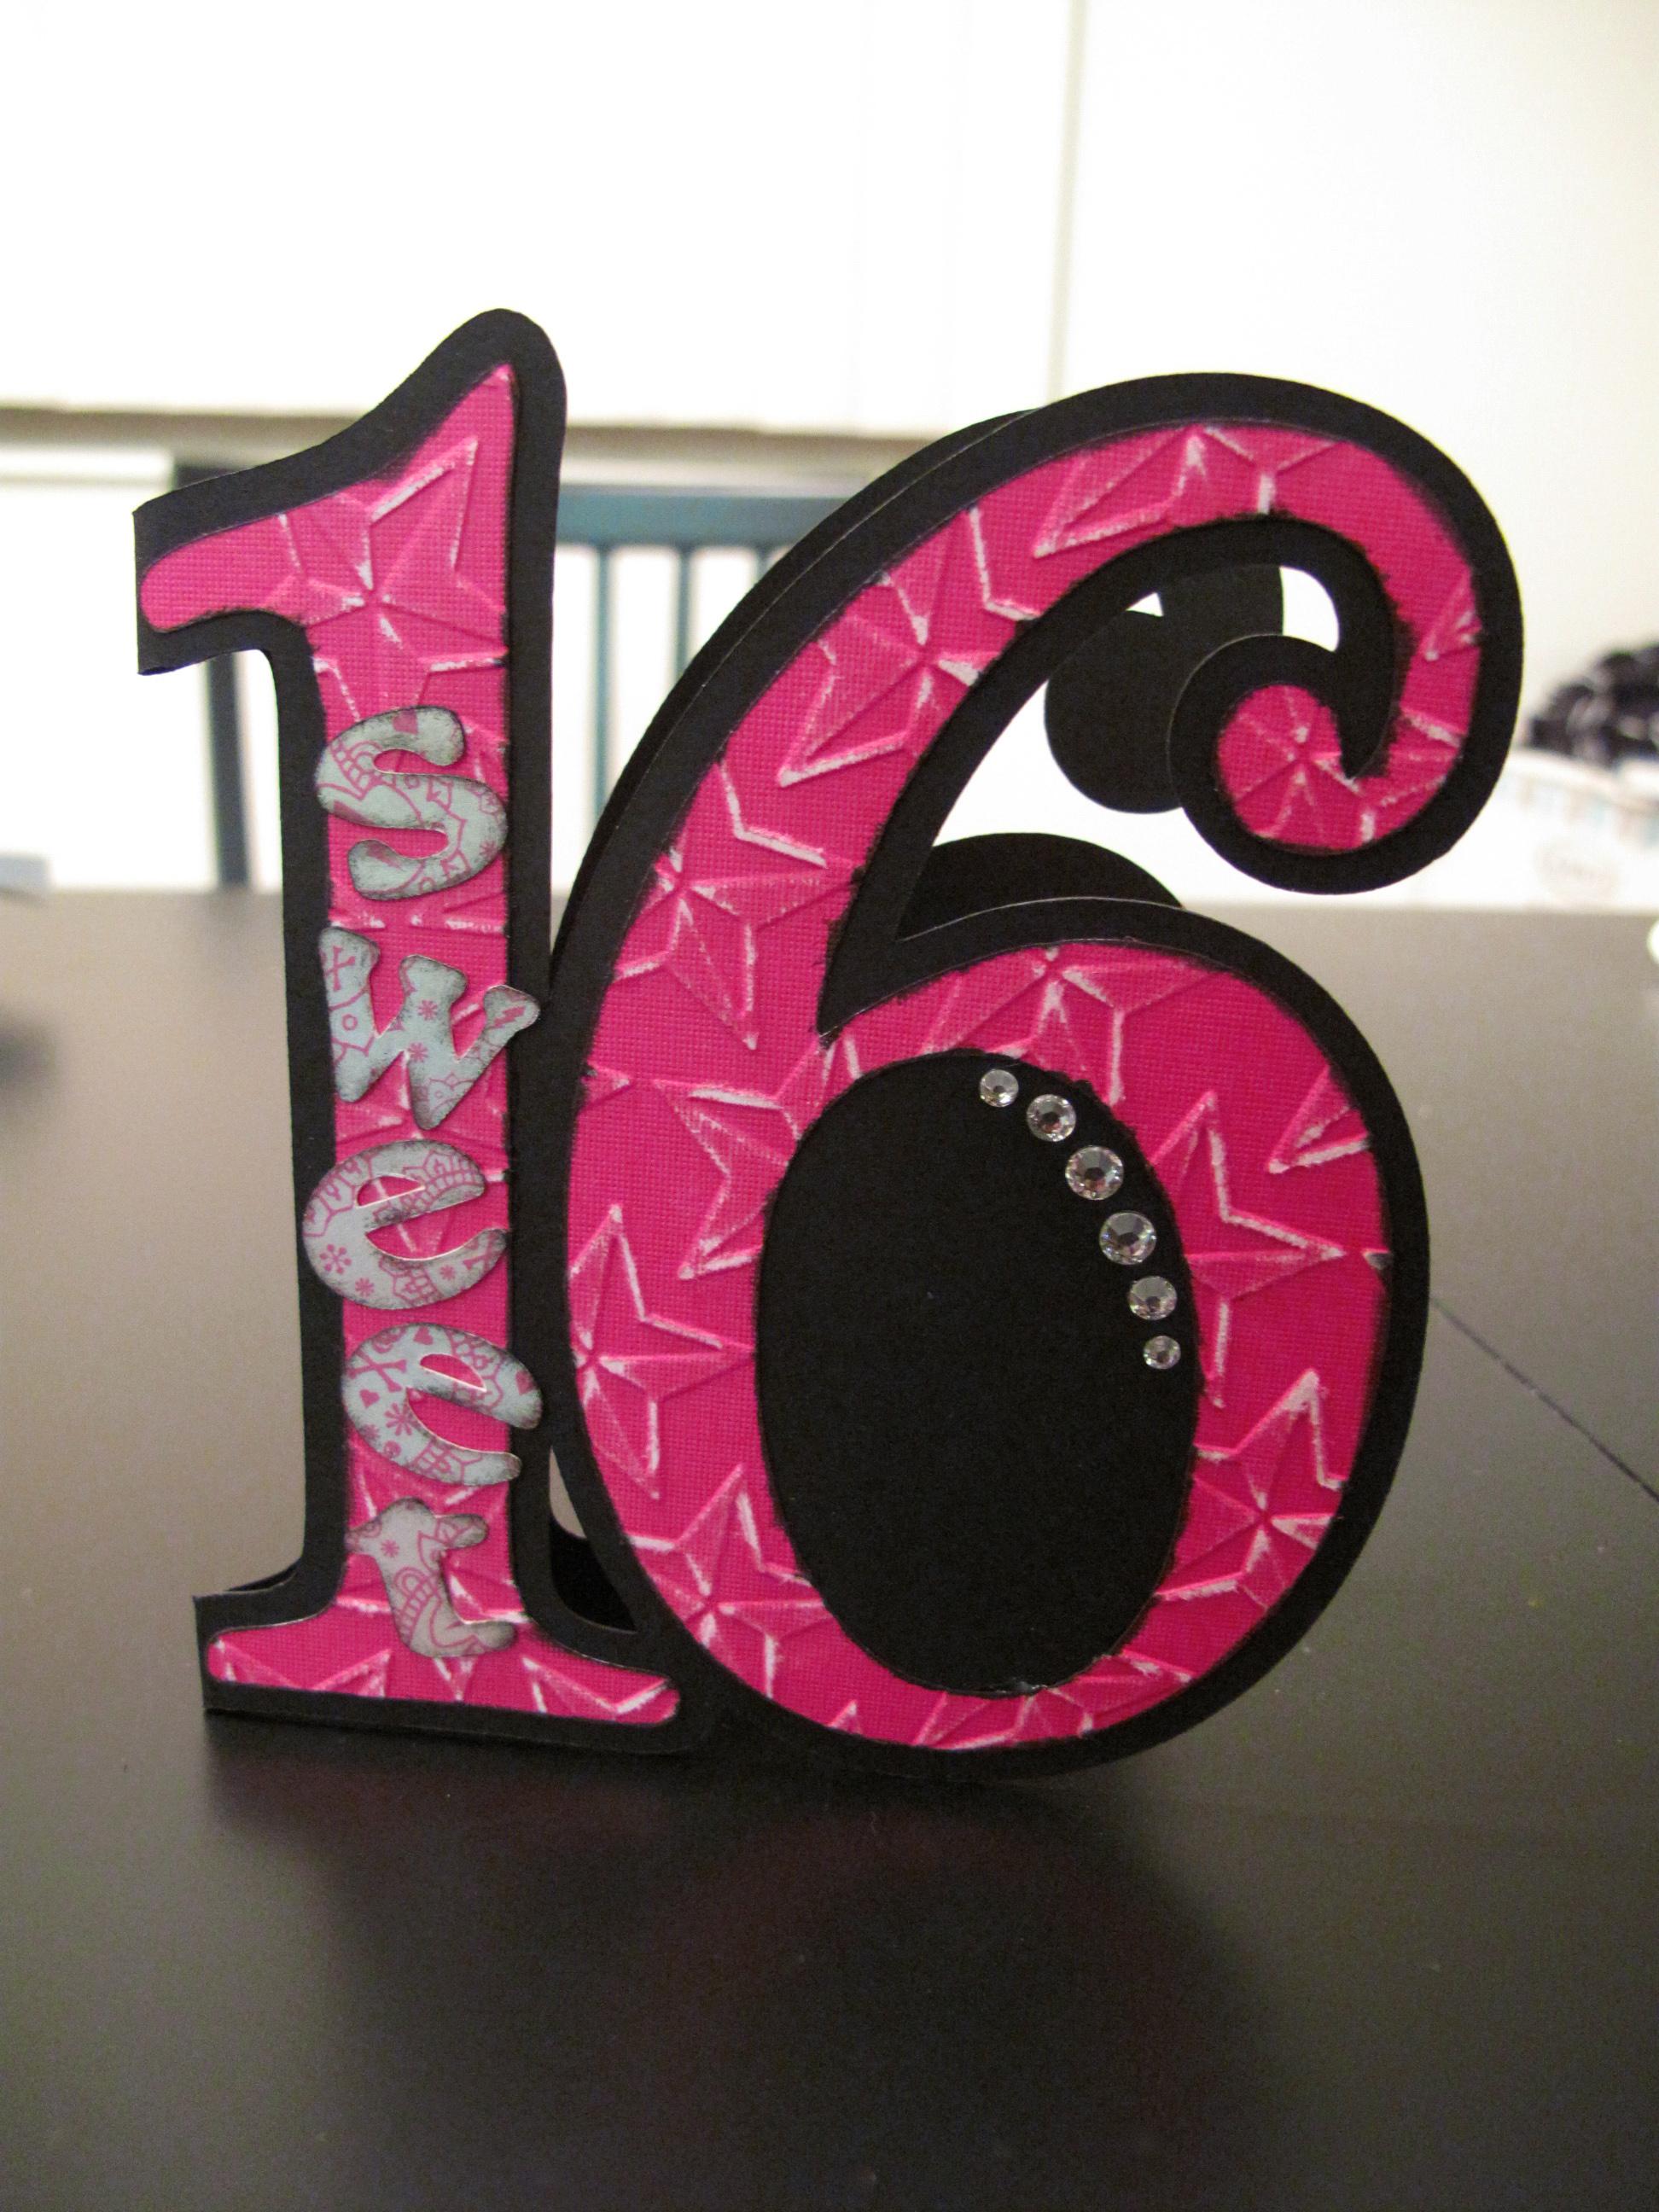 16Th Birthday Card Ideas gangcraftnet – Sweet 16 Birthday Card Ideas